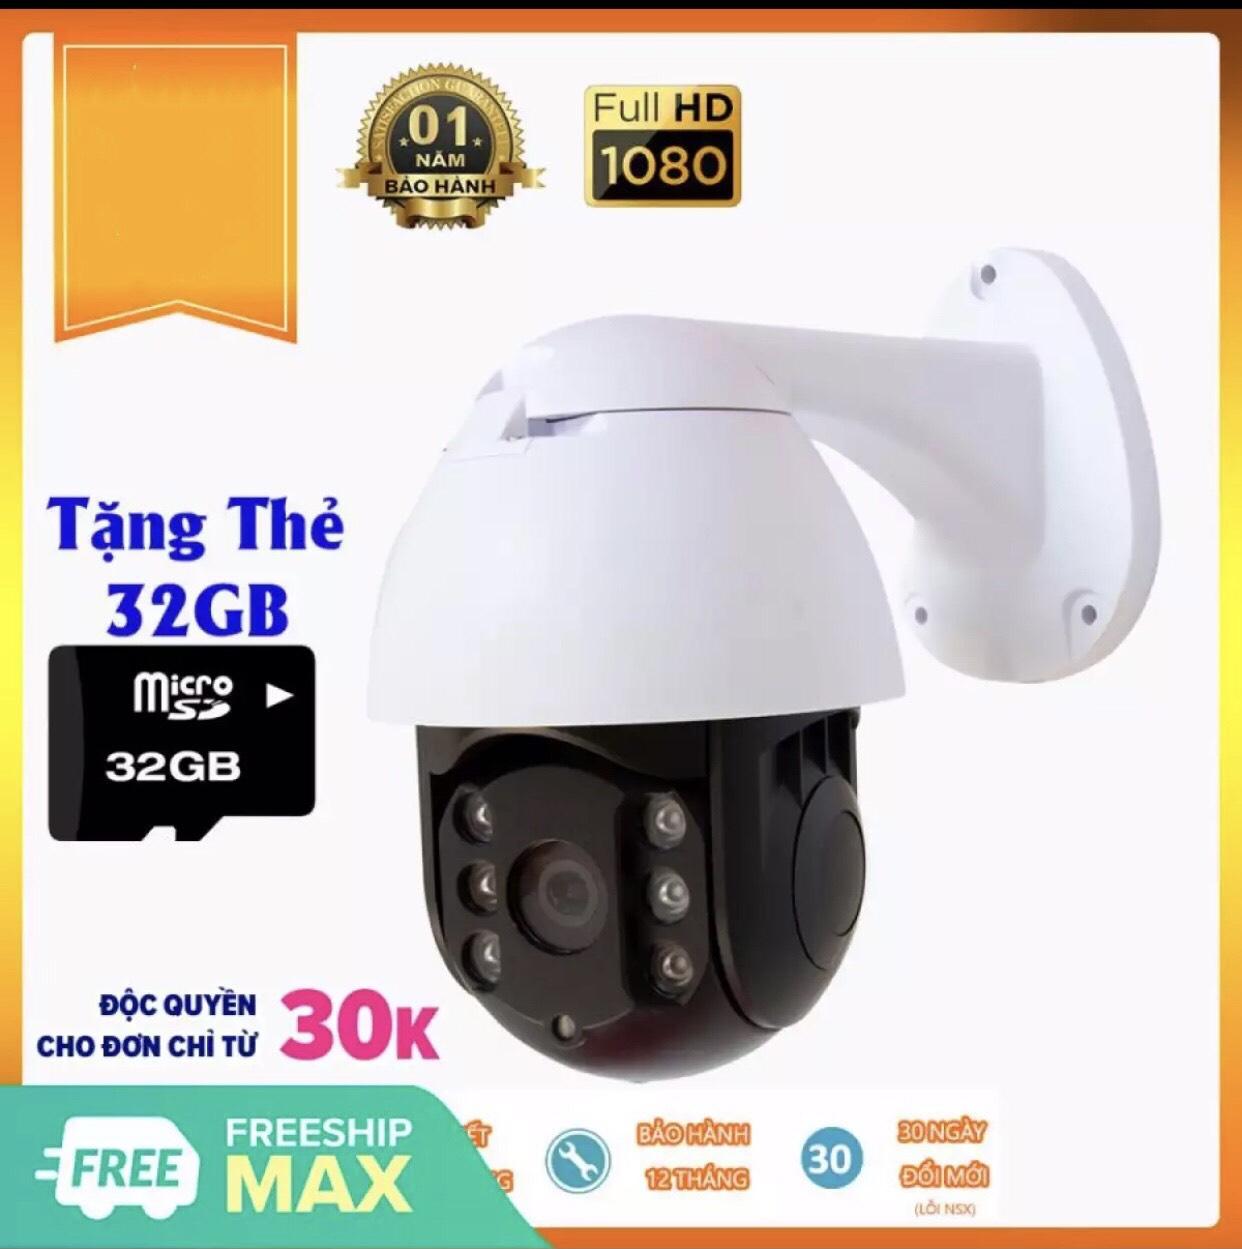 (Tặng kèm thẻ nhớ 32GB)Camera ip wifi Carecam chuẩn FullHD1080-2.0Mpx xoay 360 độ ngoài trời - PTZ 19HS200 chống nước, chống trộm tốt. xem 4 camera cùng lúc trên màn hình, hỗ trợ thẻ nhớ lên đến 128GB, đàm thoại 2 chiều.